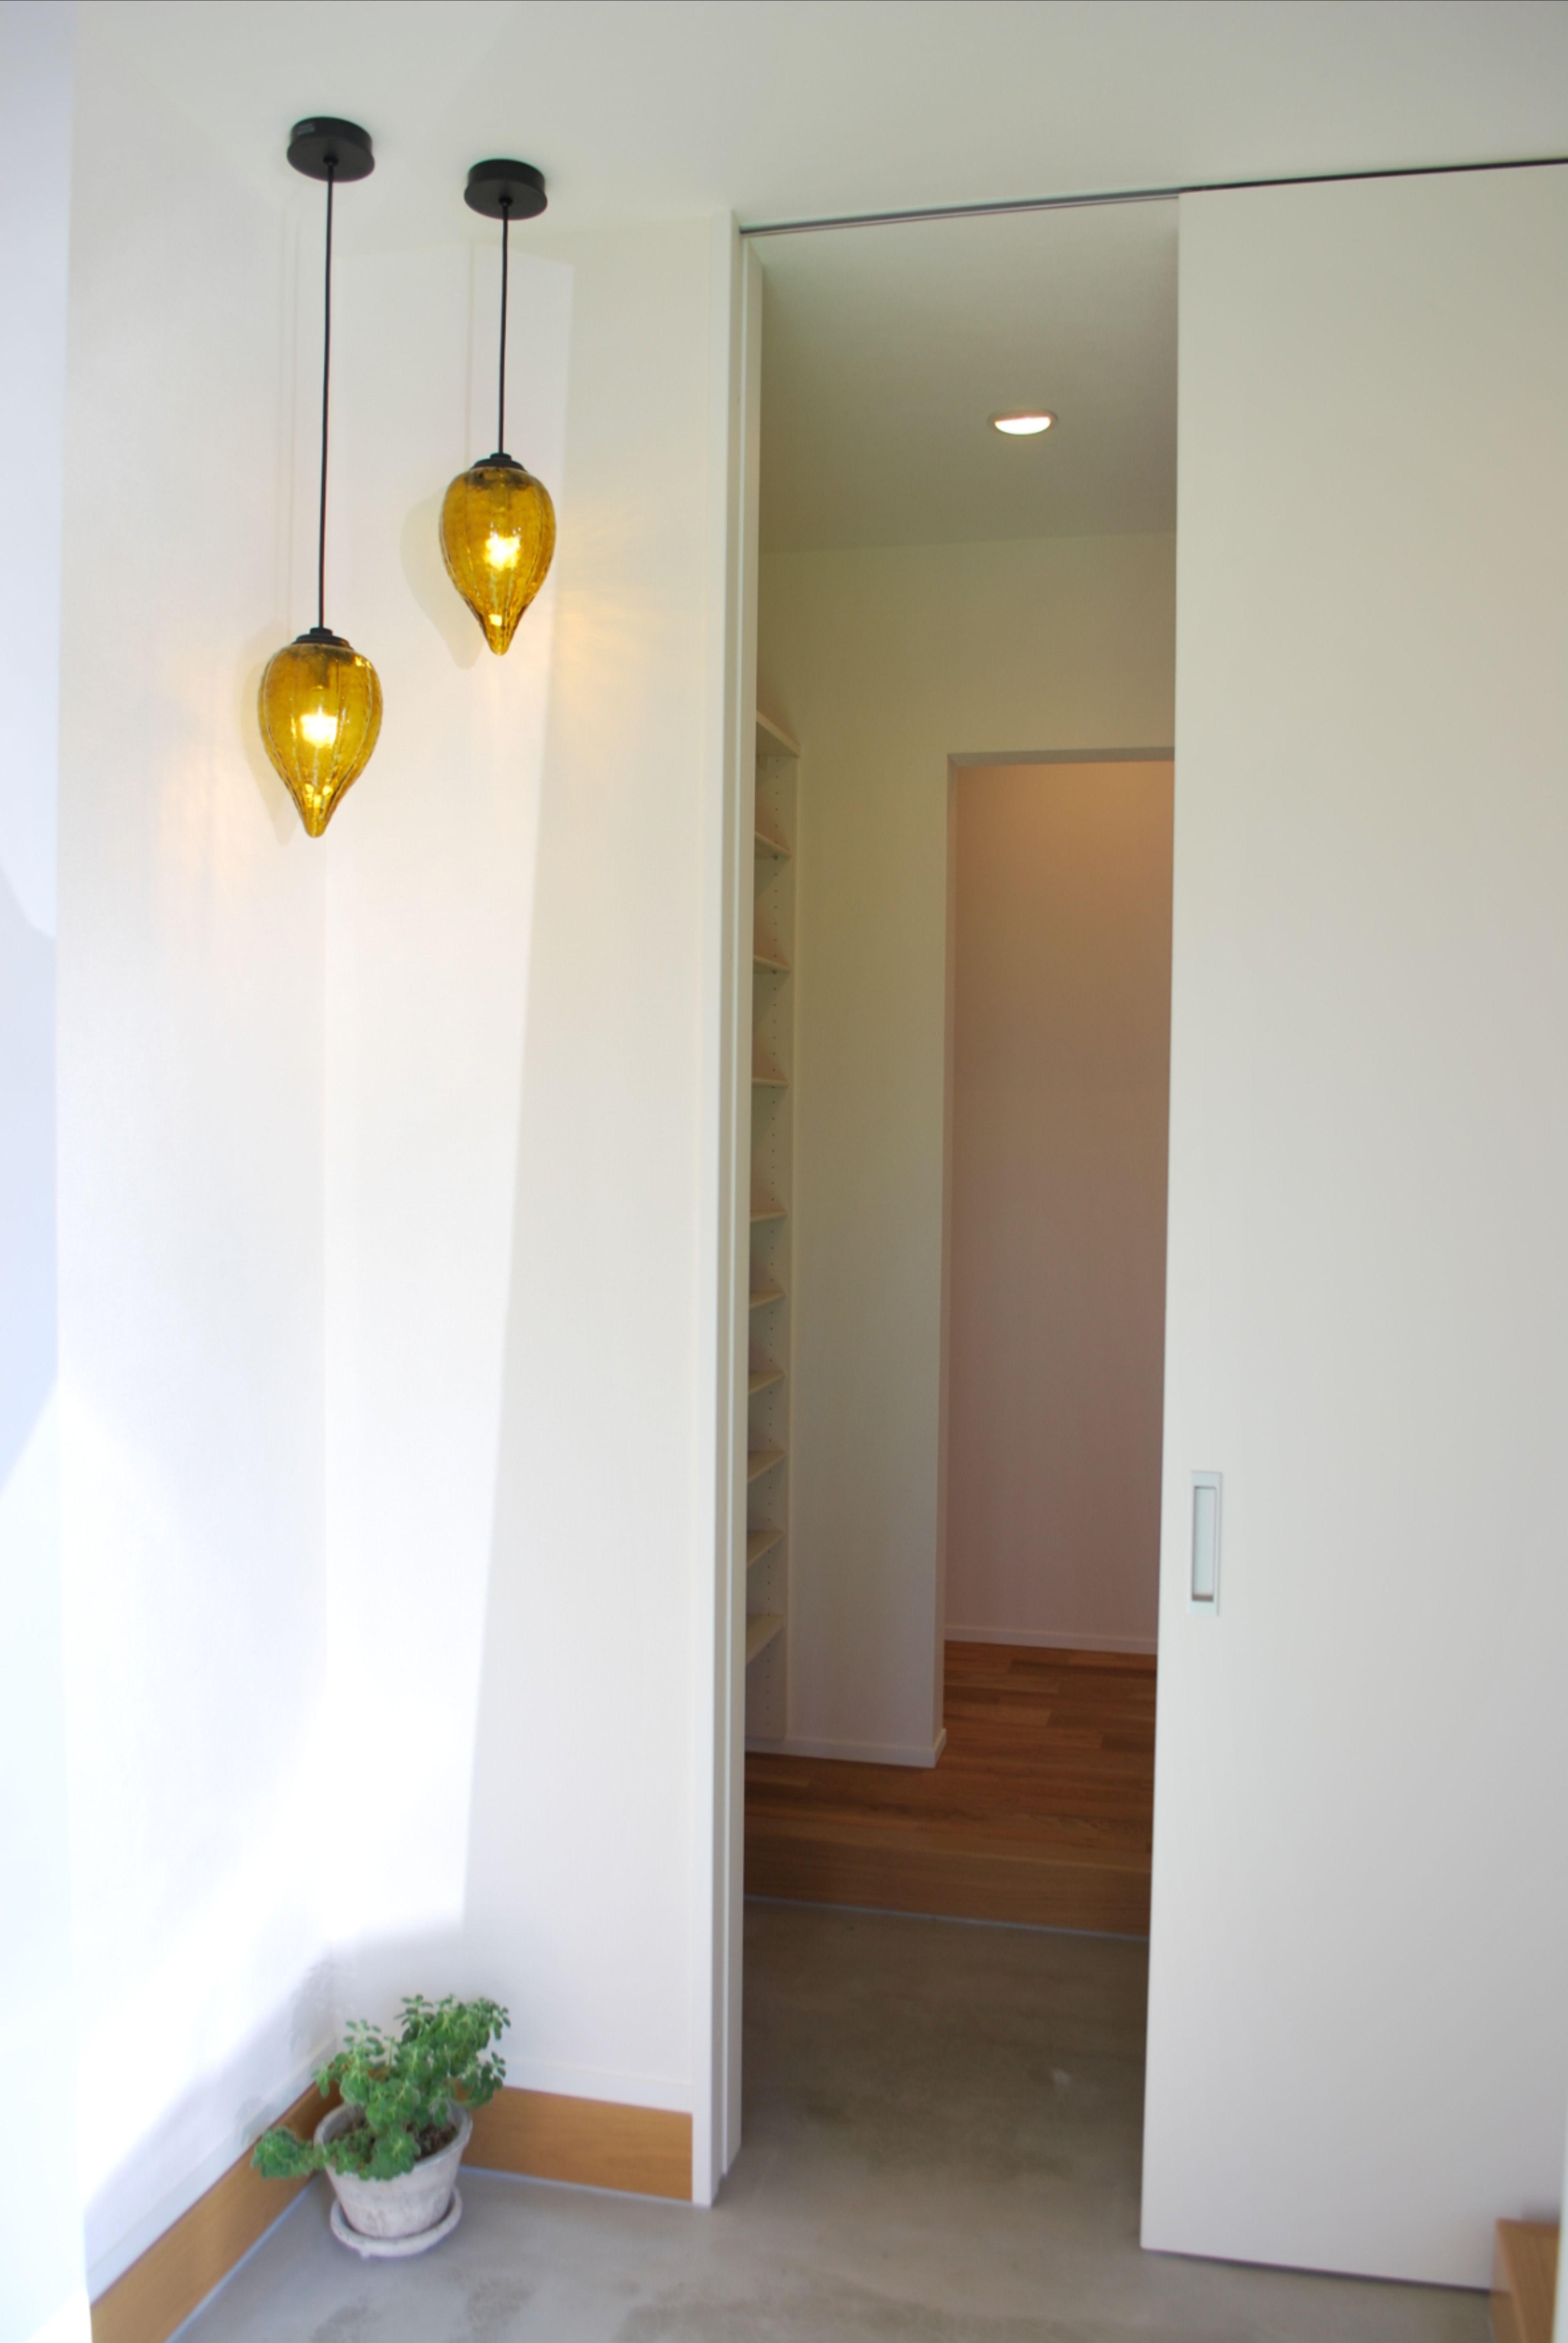 床座リビングの家 | 家, 玄関ホール 照明, 玄関